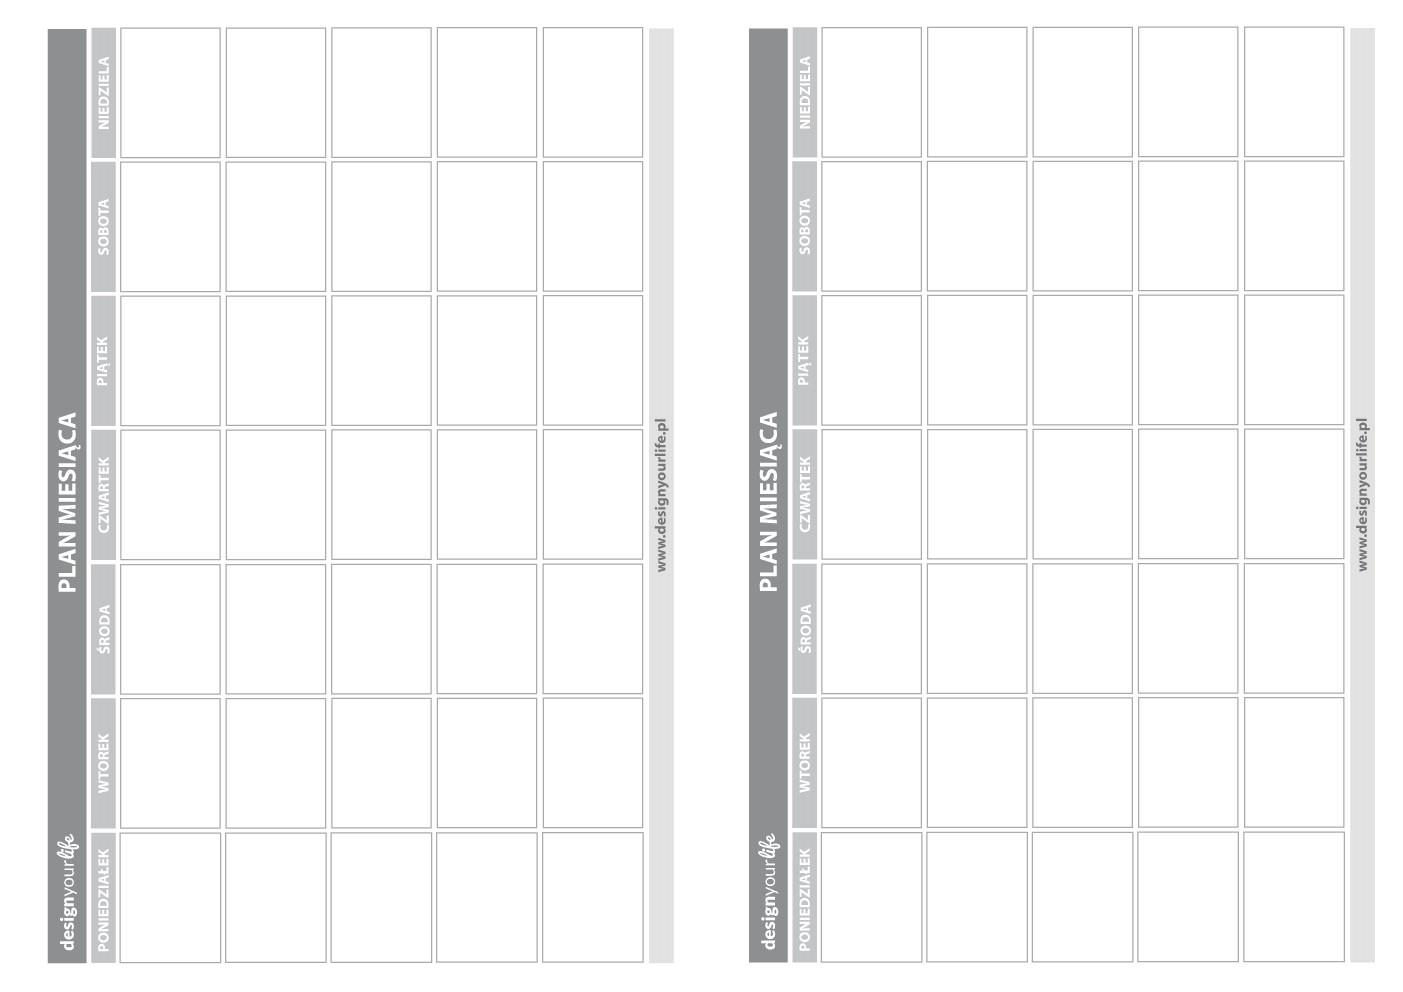 Diy organizer kalendarz do wydrukowania nowa wersja for Plan organizer